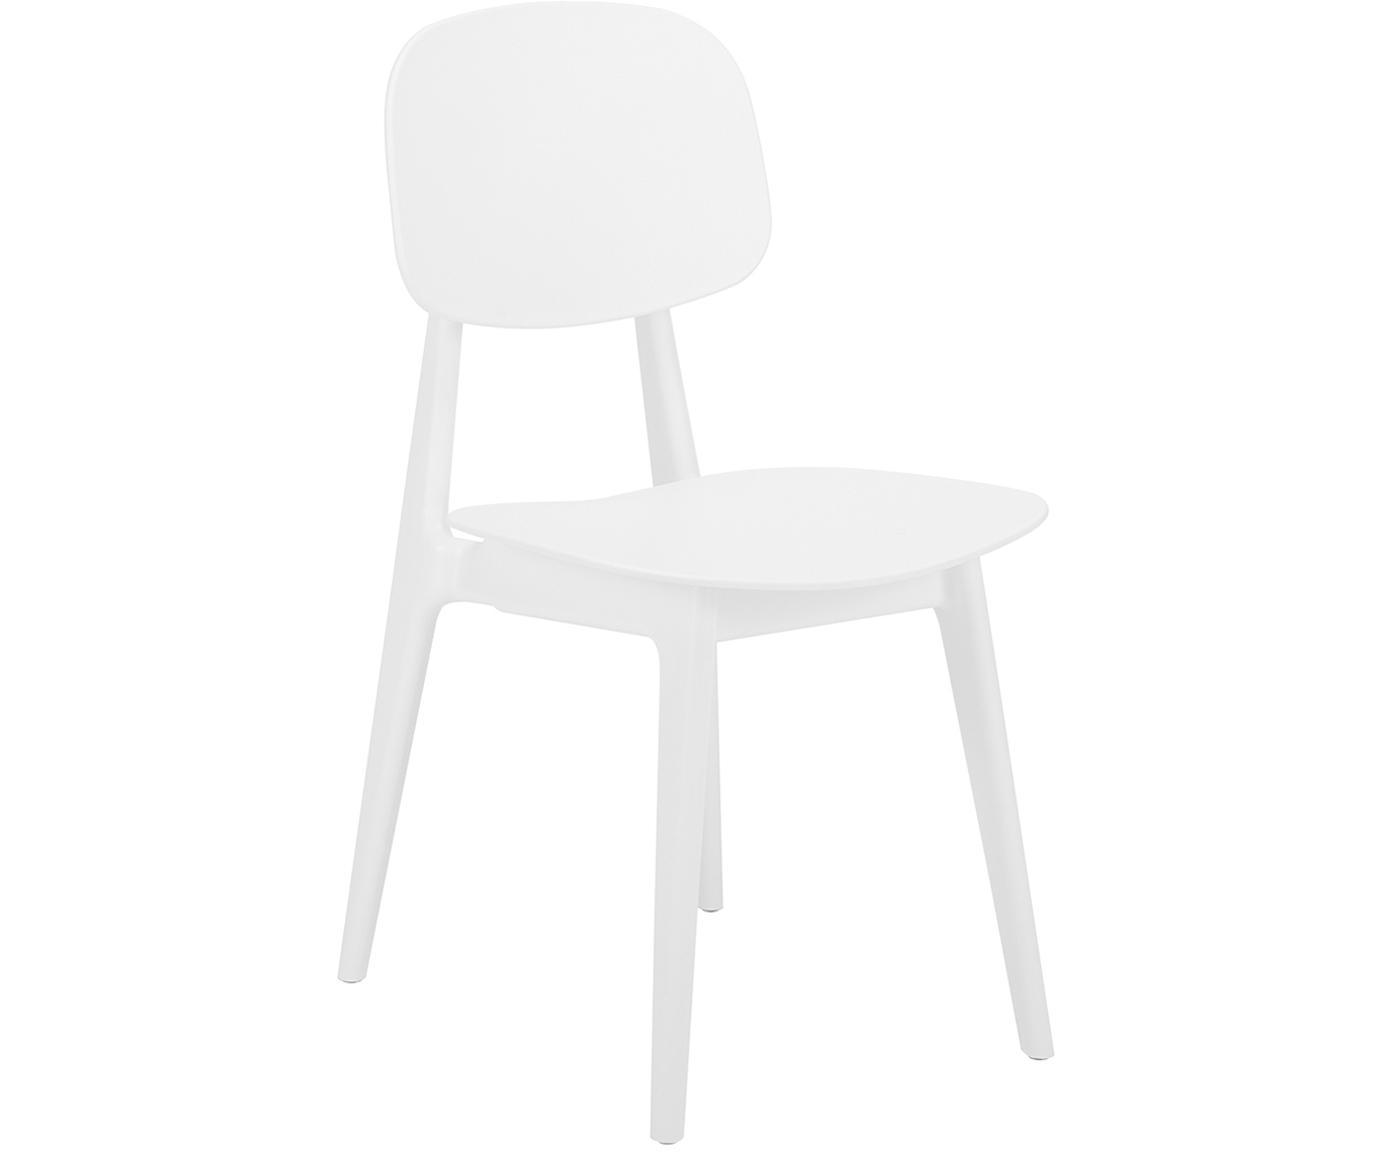 Krzesło z tworzywa sztucznego Smilla, 2szt., Nogi: metal malowany proszkowo, Biały, matowy, S 43 x G 49 cm